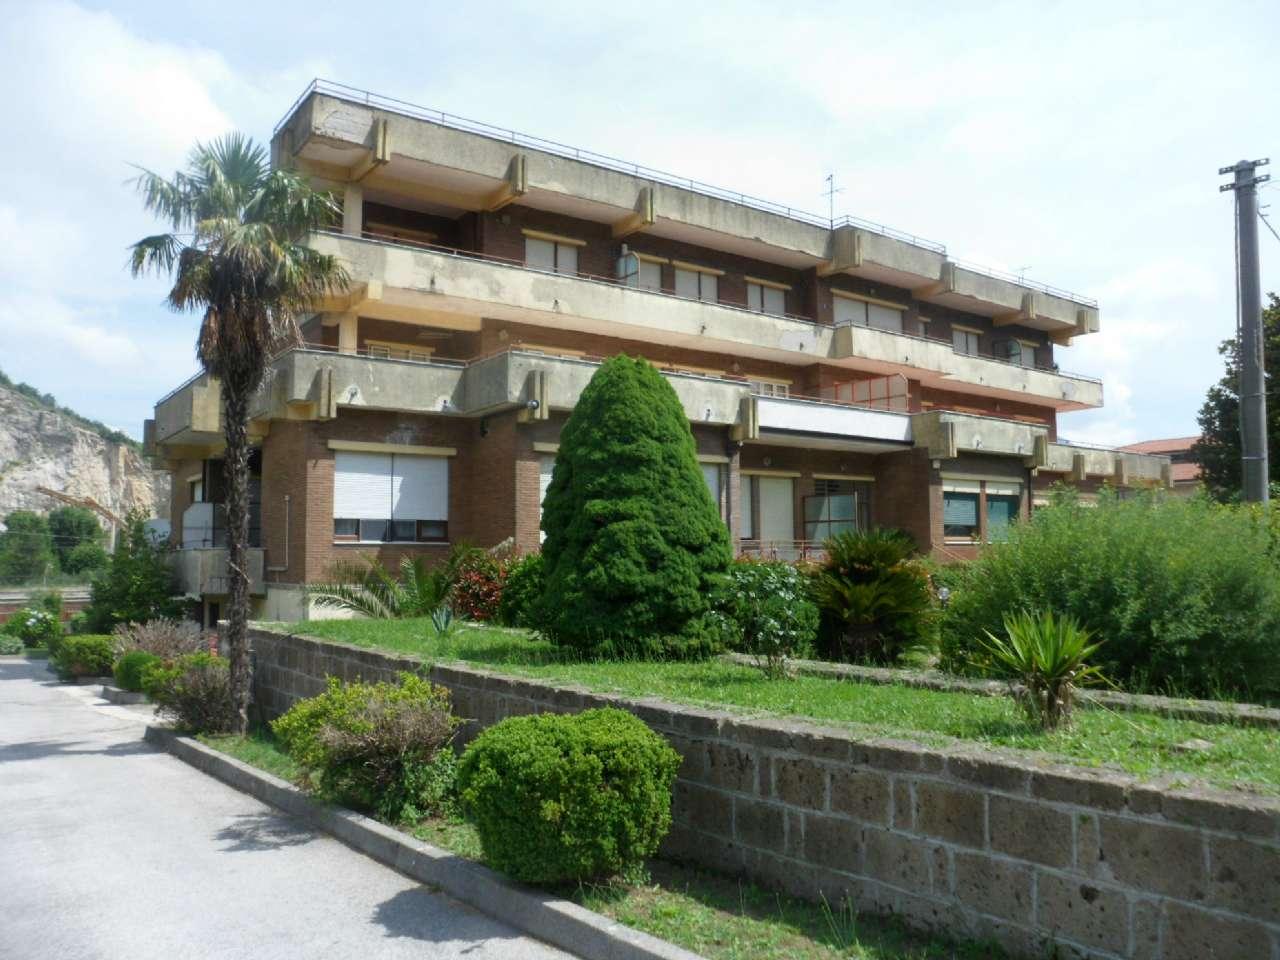 Appartamento in vendita a Arpaia, 7 locali, prezzo € 110.000   CambioCasa.it